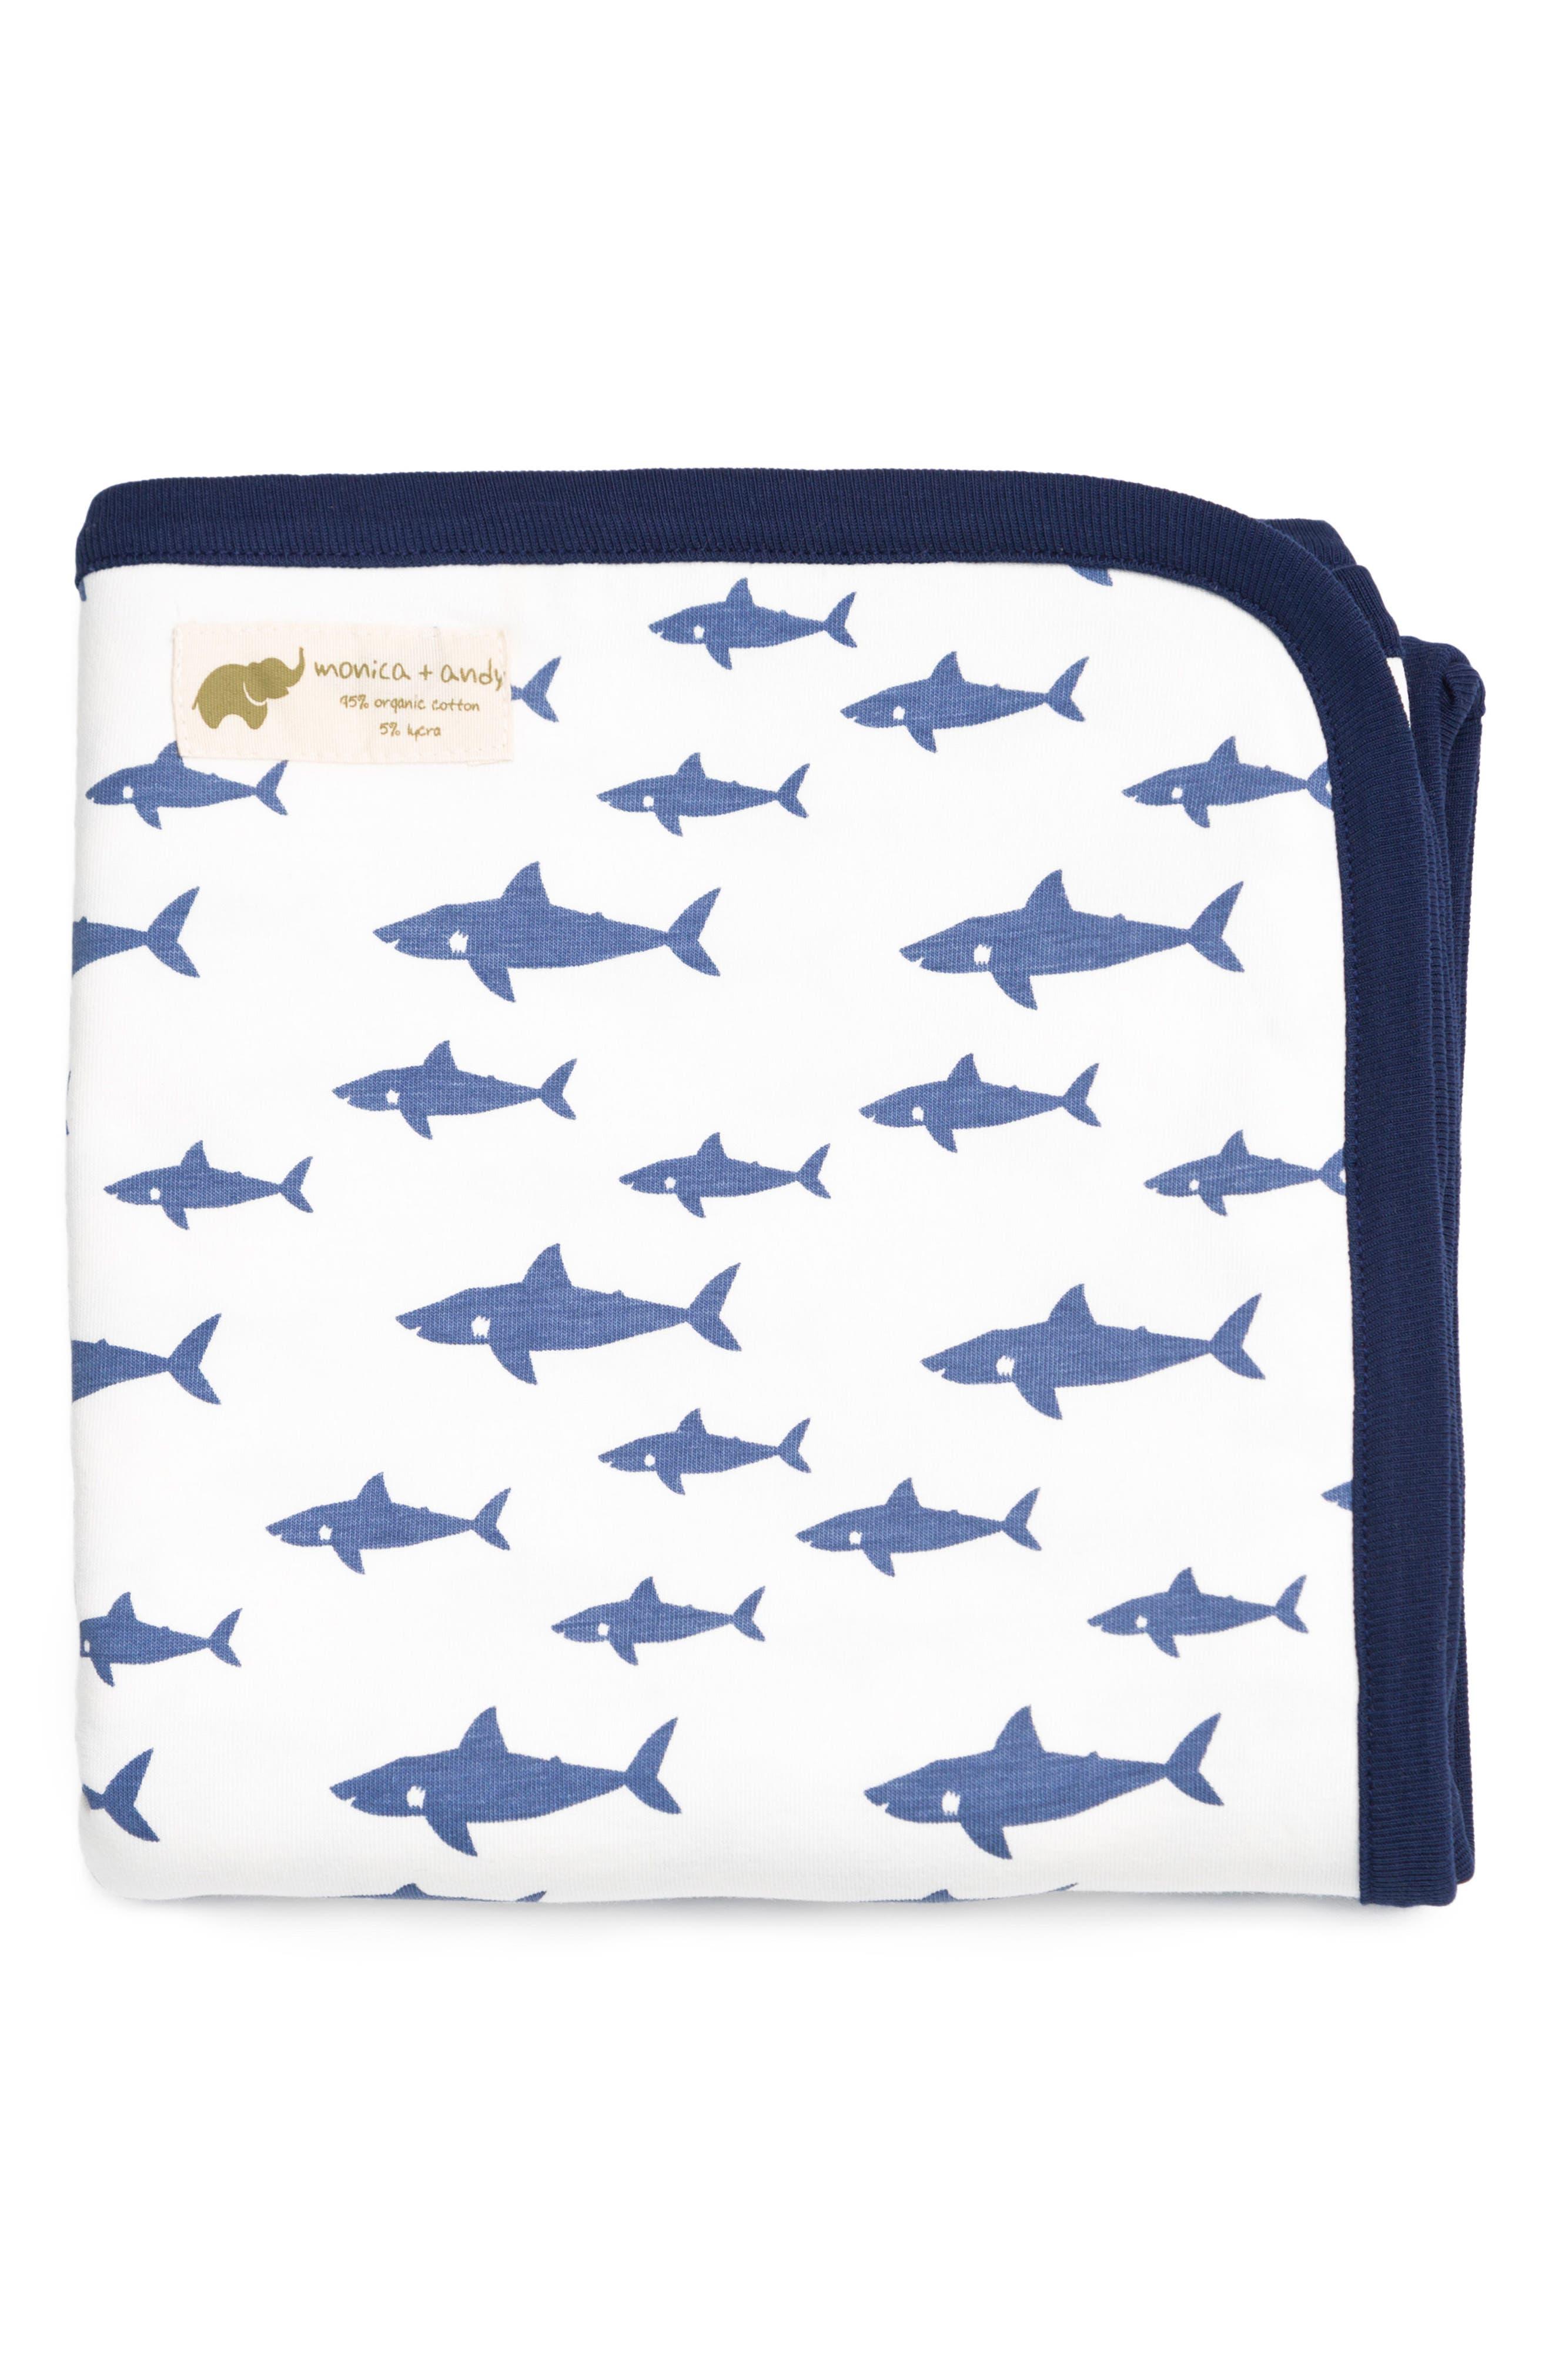 Shark Attack Coming Home Blanket,                             Main thumbnail 1, color,                             SHARK ATTACK